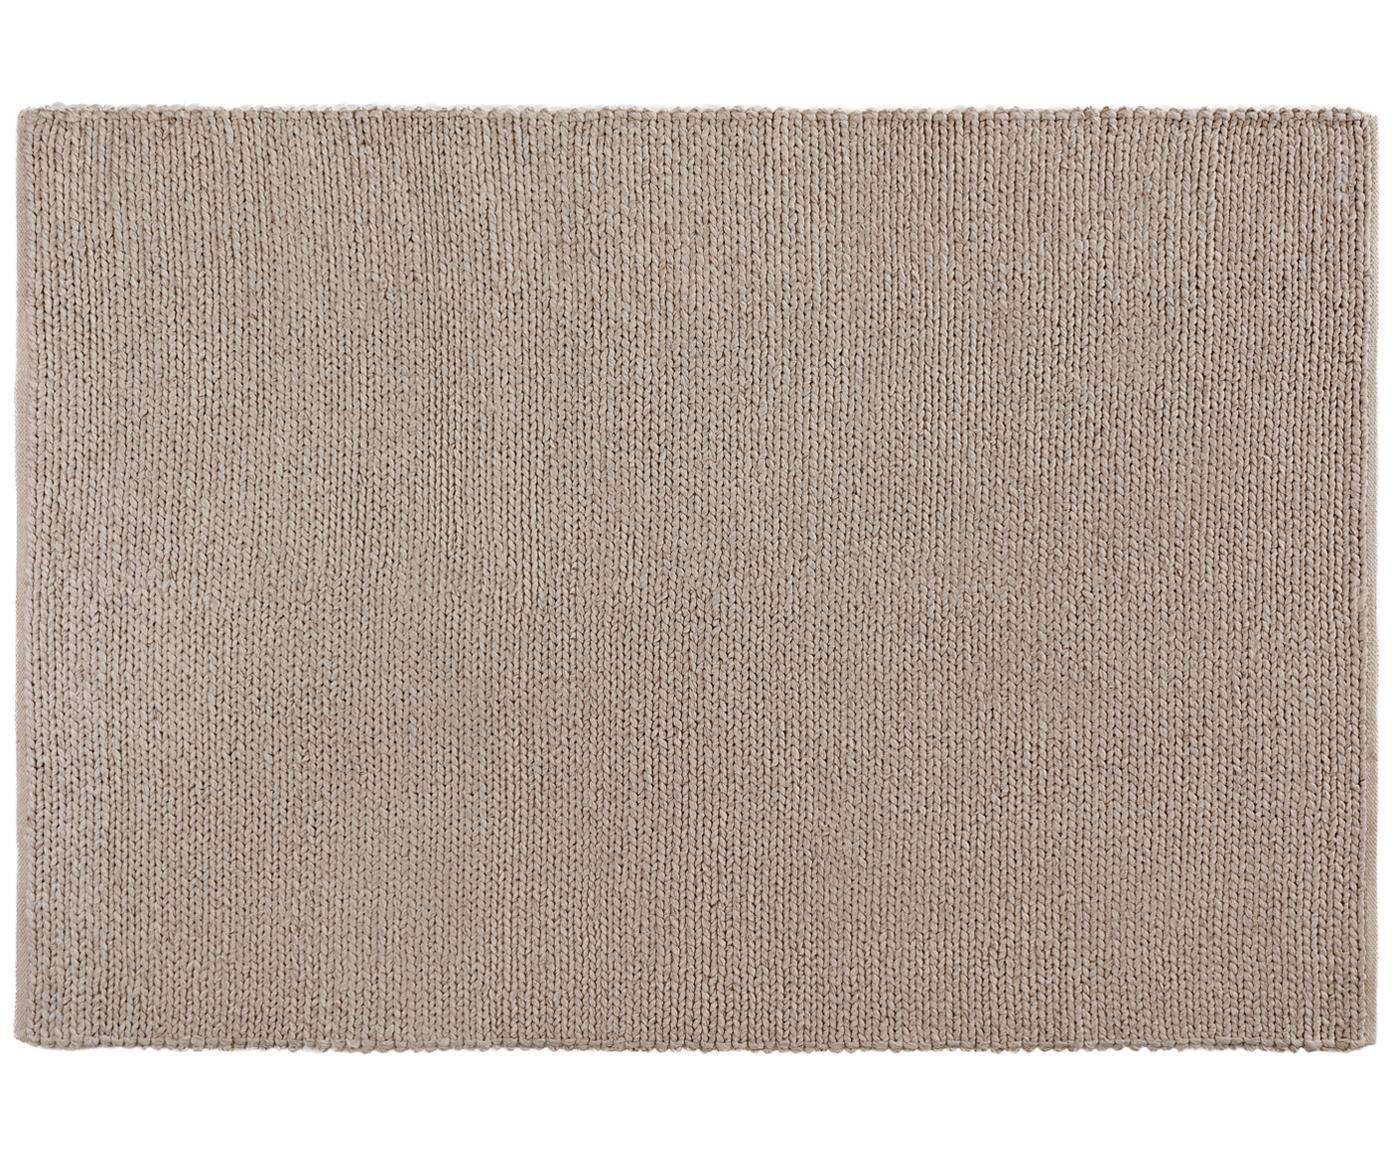 Handgeweven wollen vloerkleed Uno, Bovenzijde: 60% wol, 40% polyester, Onderzijde: katoen, Taupe, B 120 x L 170 cm (maat S)